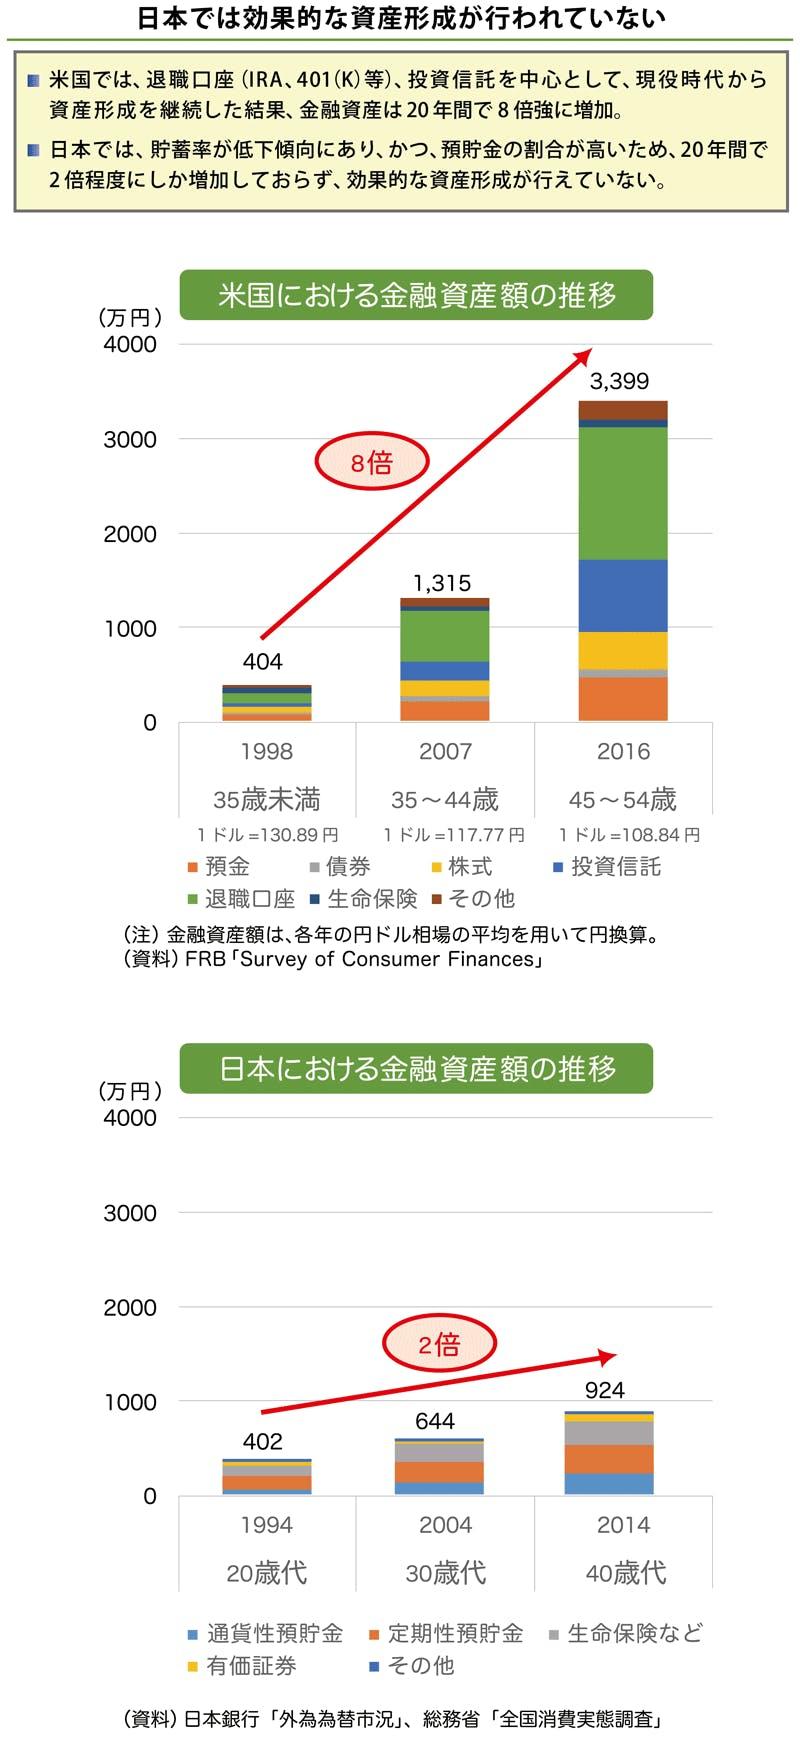 日本では効果的な資産形成が行われていない ・米国では、退職口座(IRA、401(K)等)、投資信託を中心として、現役時代から資産形成を継続した結果、金融資産は20年間で8倍強に増加。 ・日本では、貯蓄率が低下傾向にあり、かつ、預貯金の割合が高いため、20年間で2倍程度にしか増加しておらず、効果的な資産形成が行えていない。